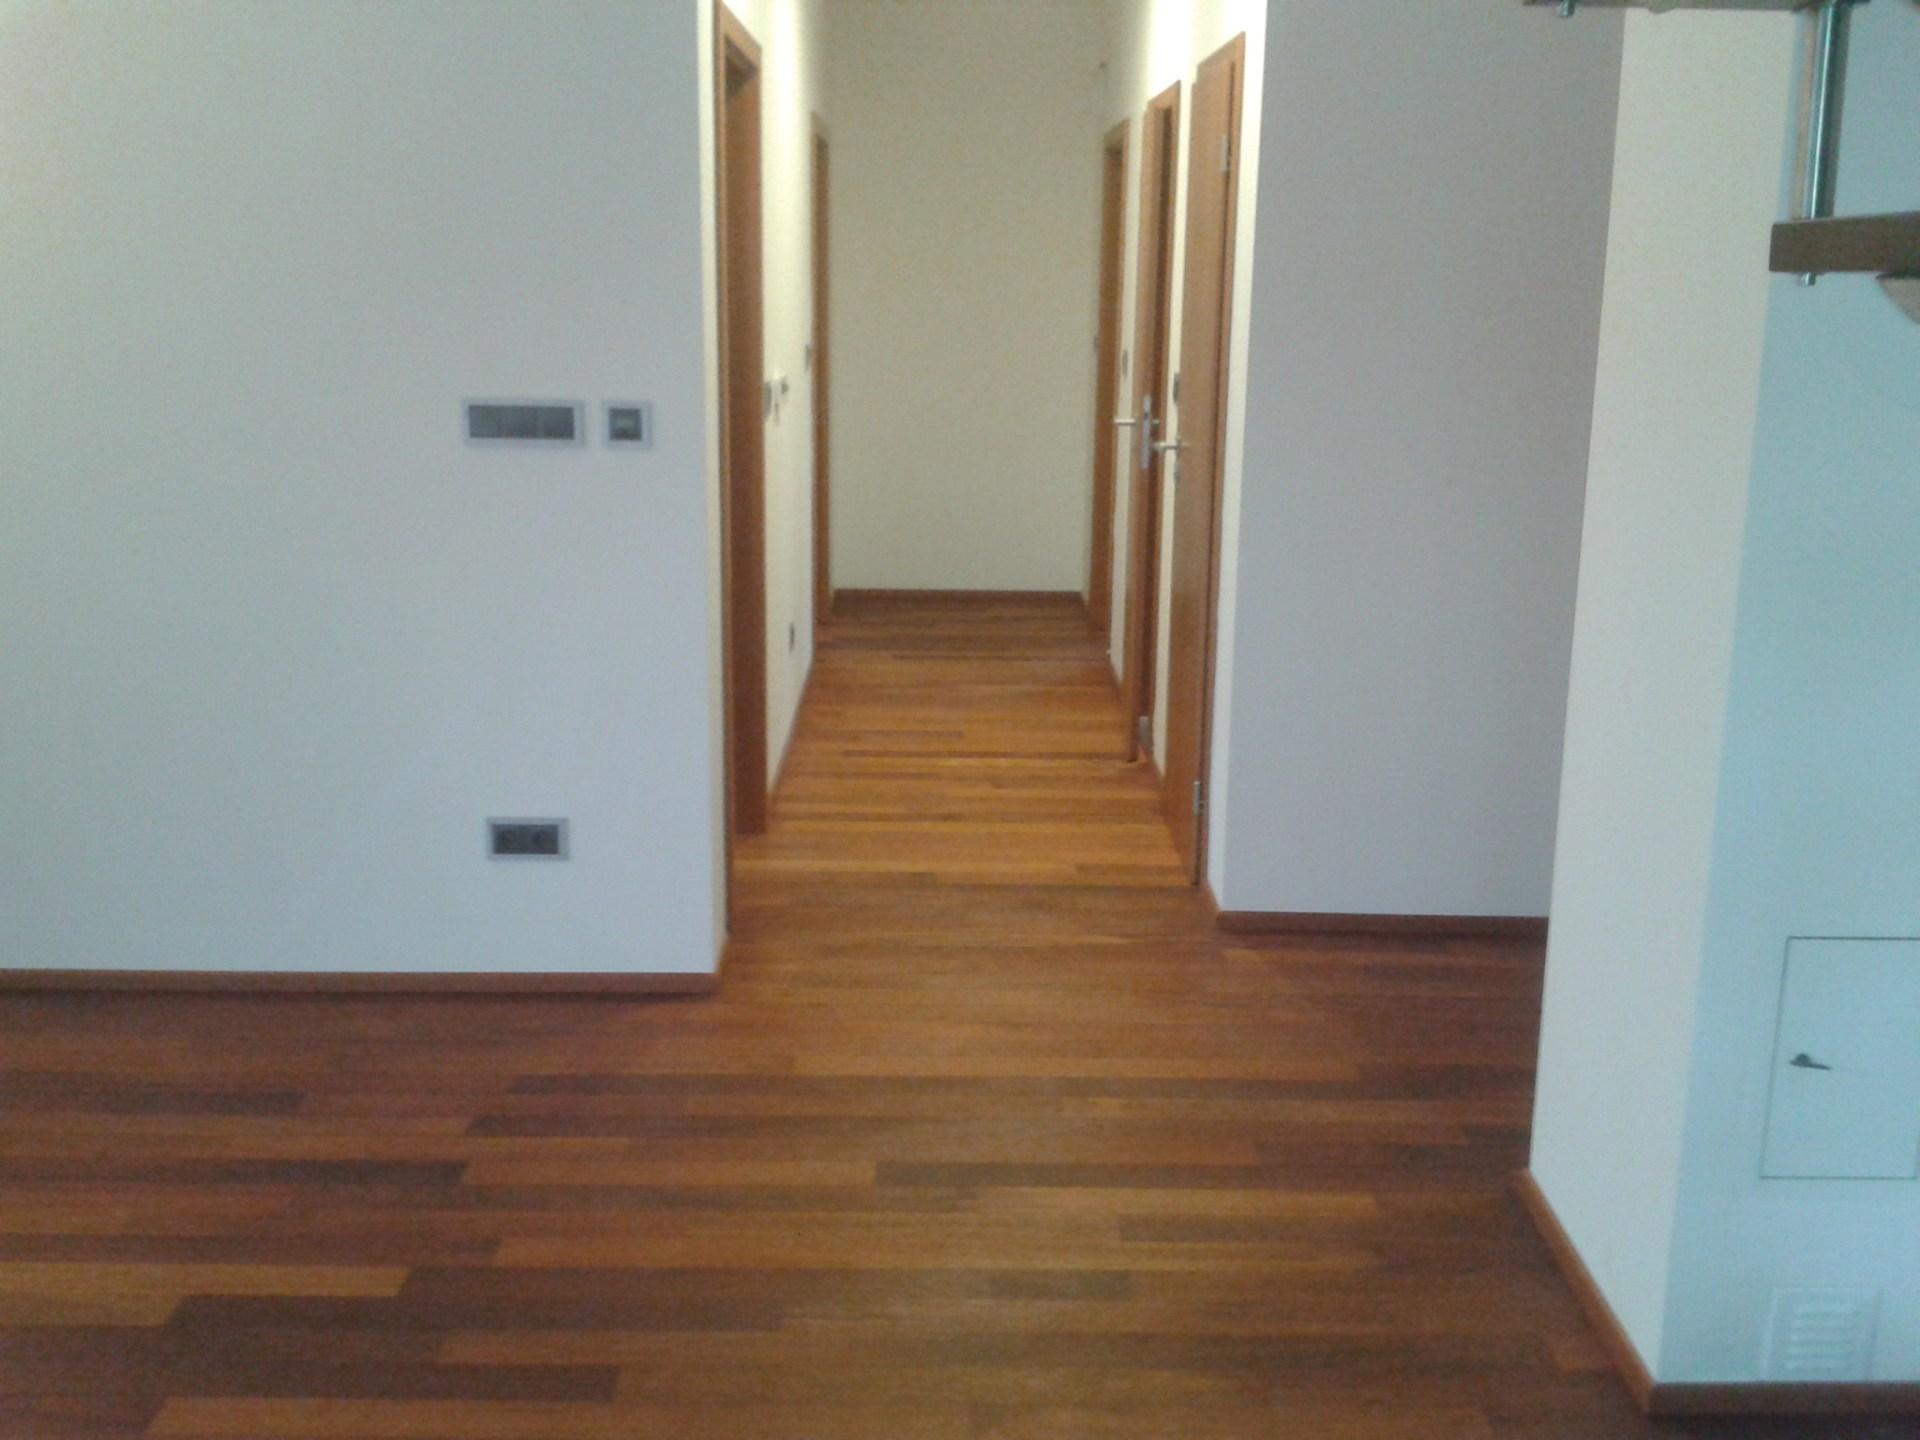 PVC a vinylové podlahy, odolné a snadno udržovatelné - prodej i odborná pokládka